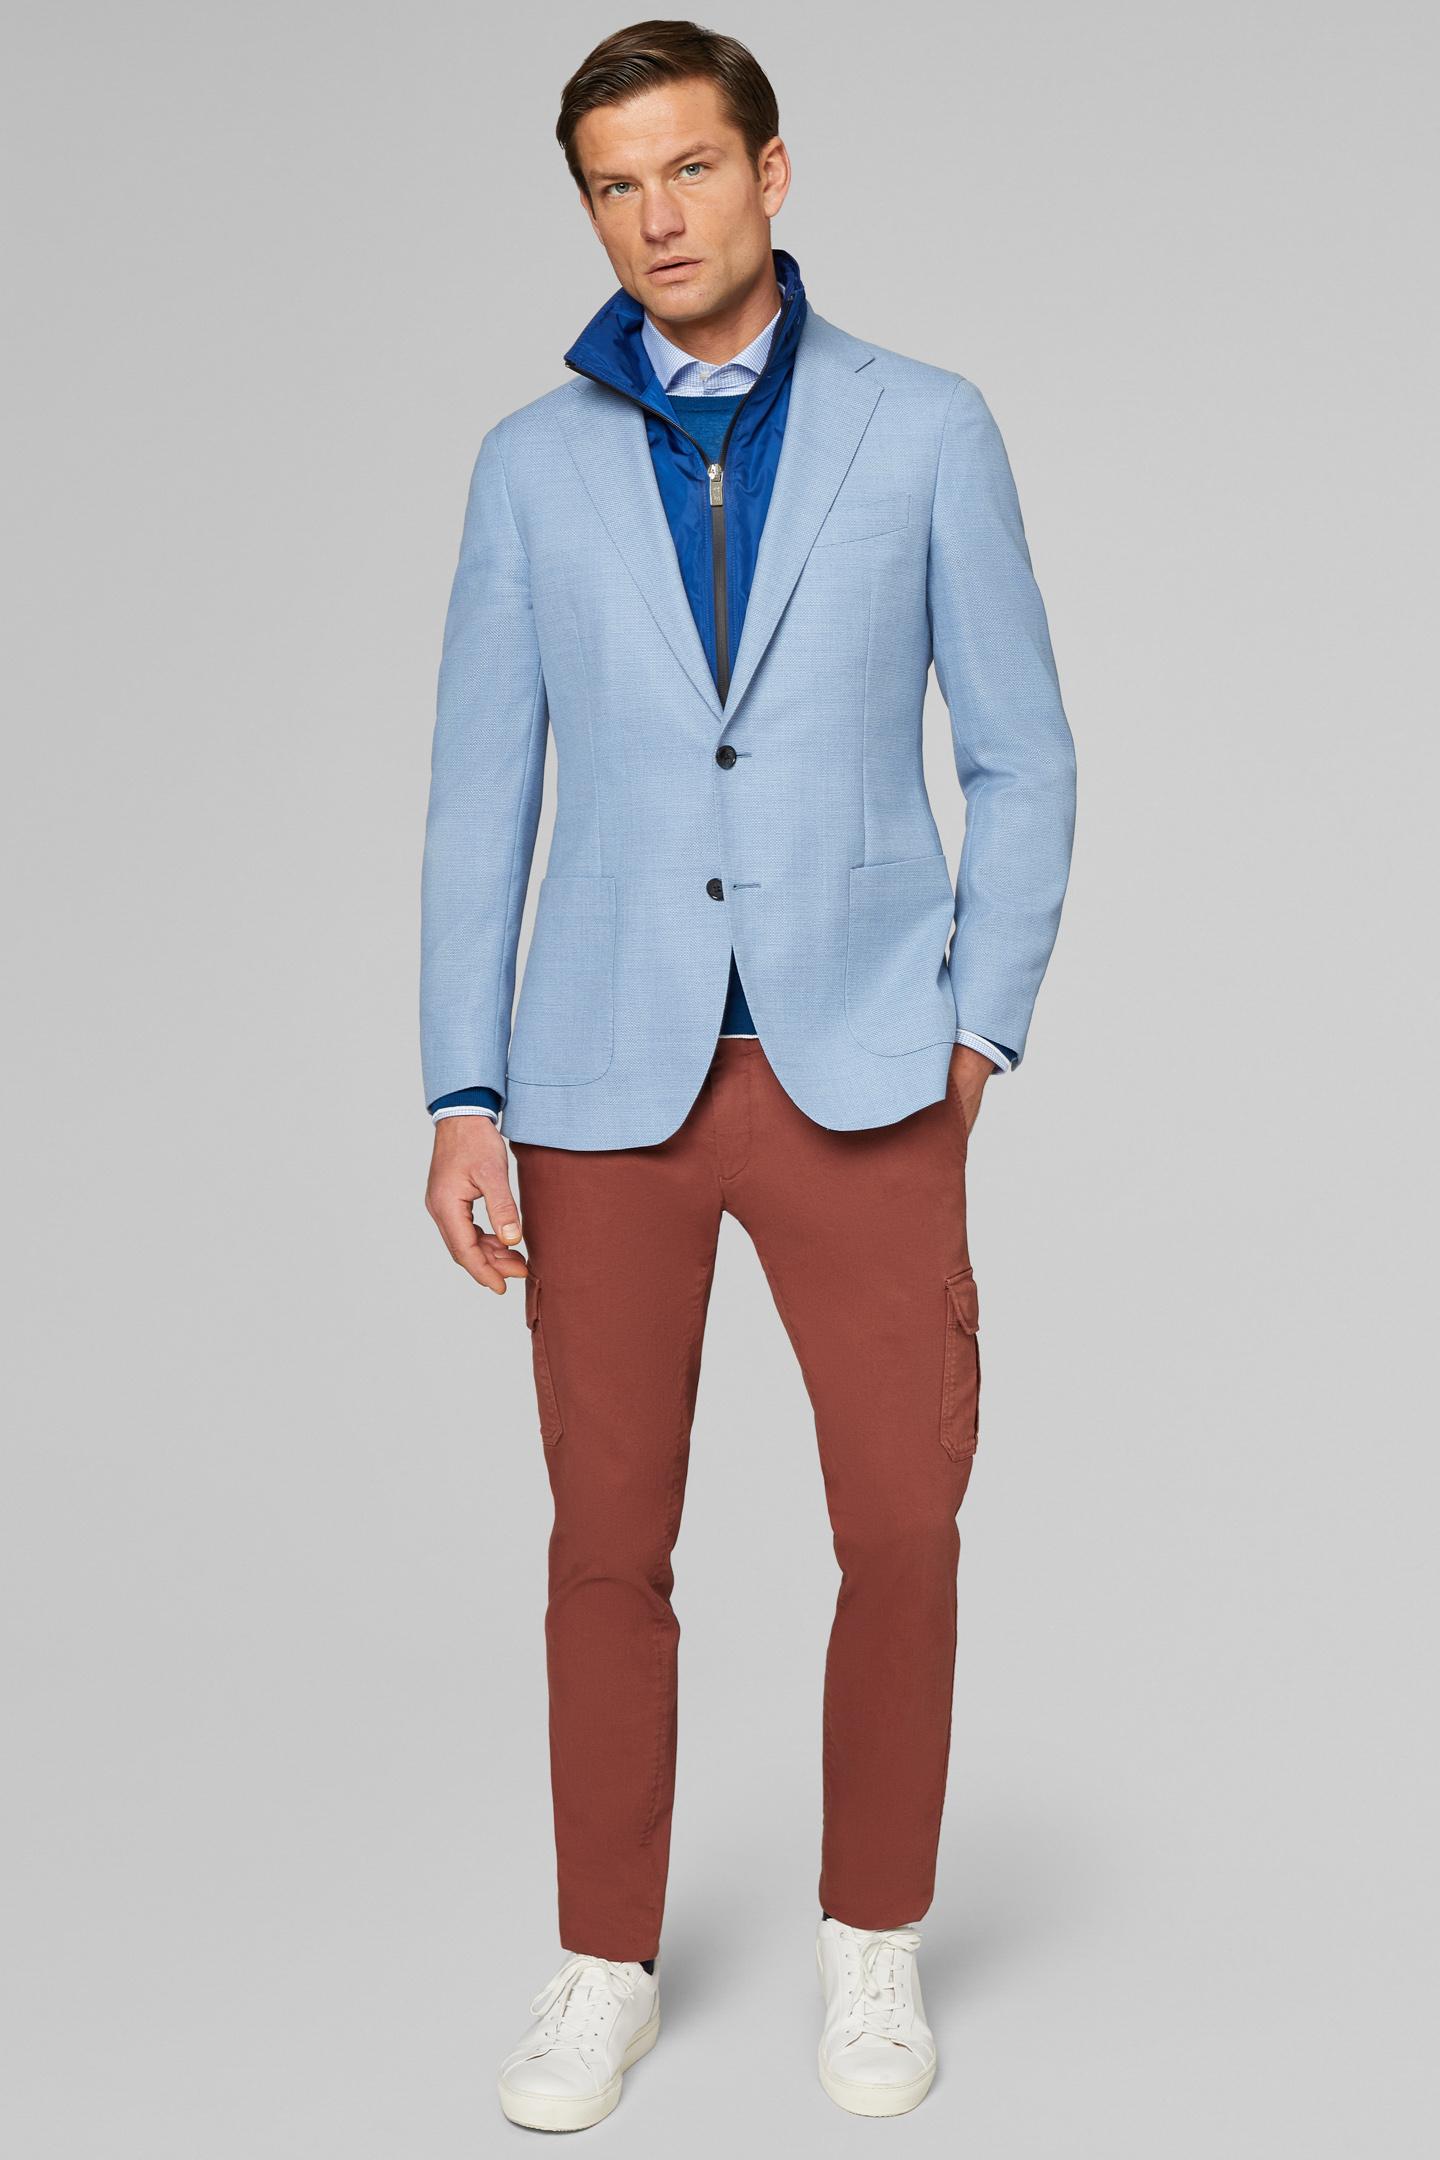 E Uomo CasualBoggi Online Abbigliamento Elegante Milano tdhQCrs